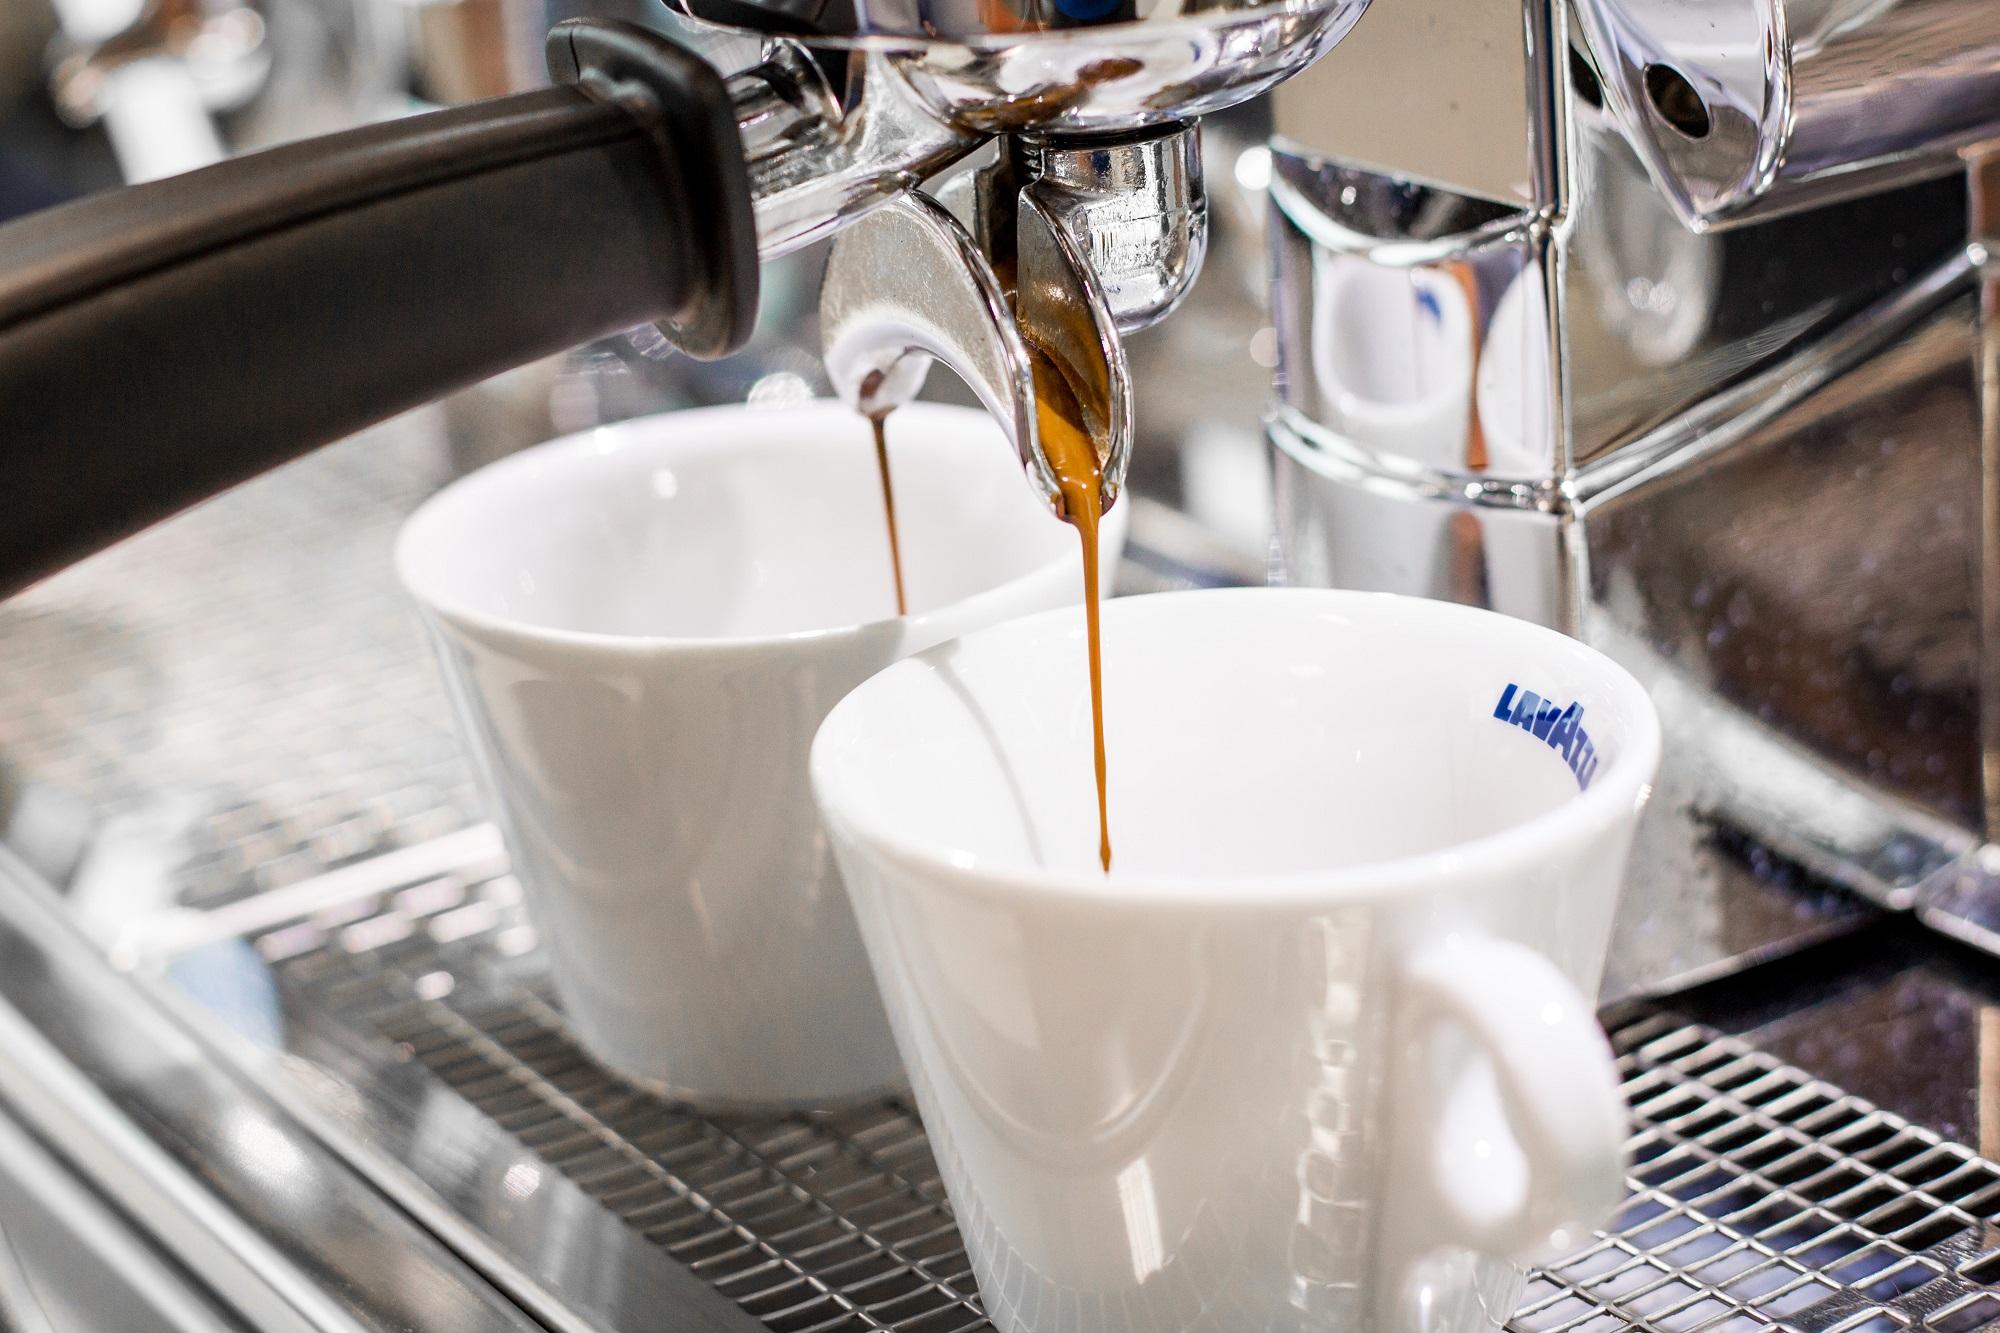 Magiška Espresso gamyba